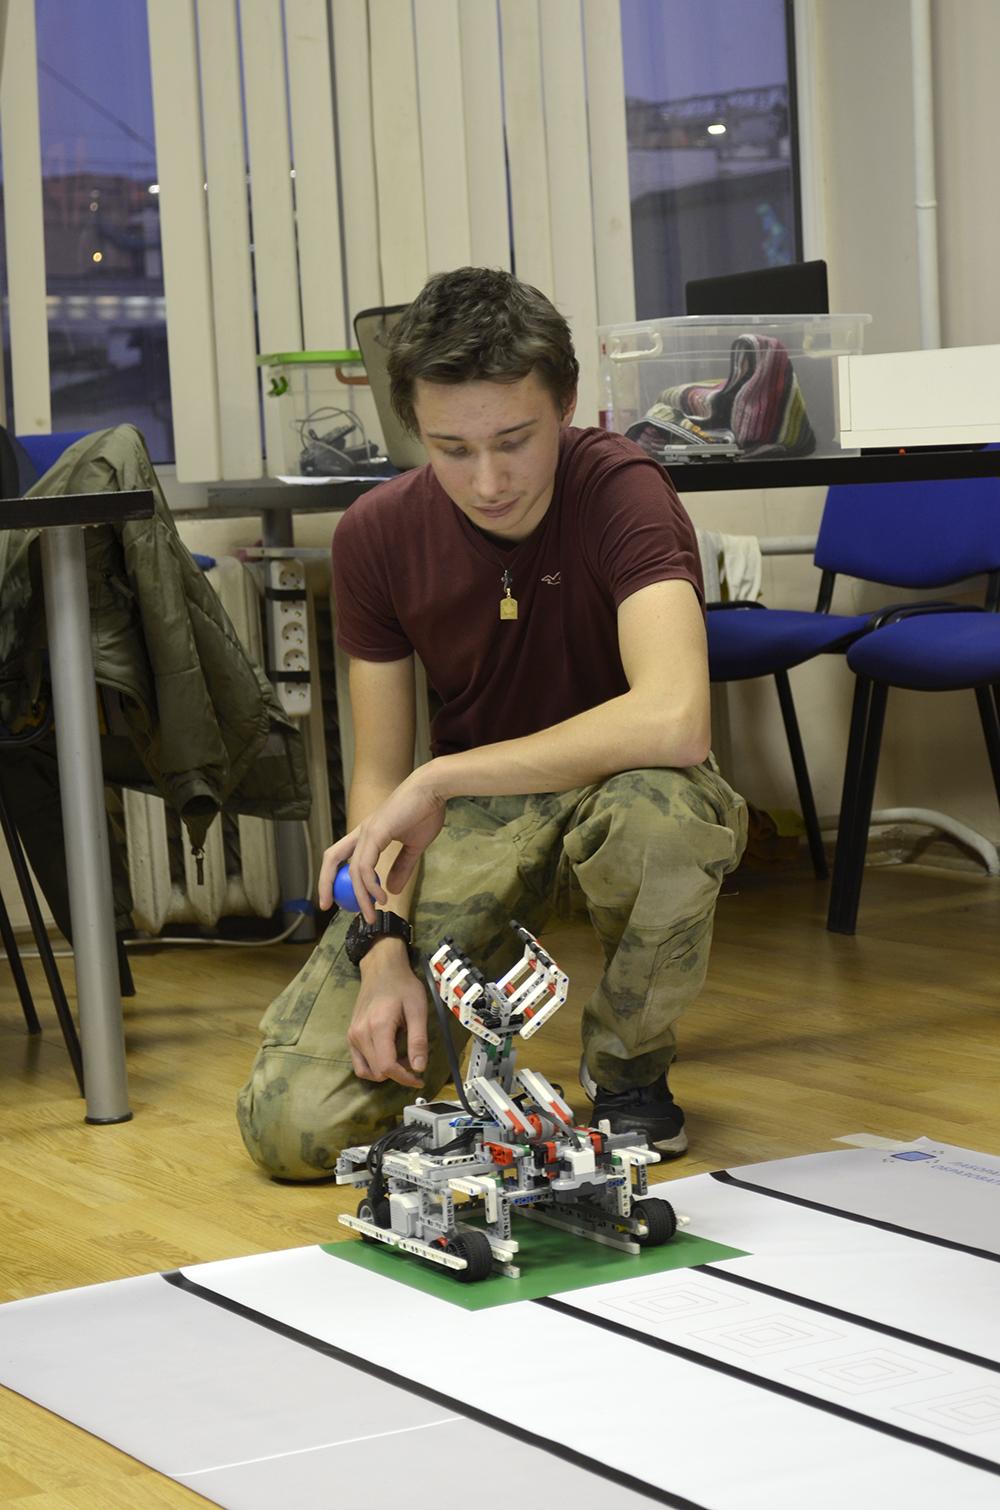 Олимпиада ЦПМ по робототехнике в Робоцентре Полигон. Старшая категория